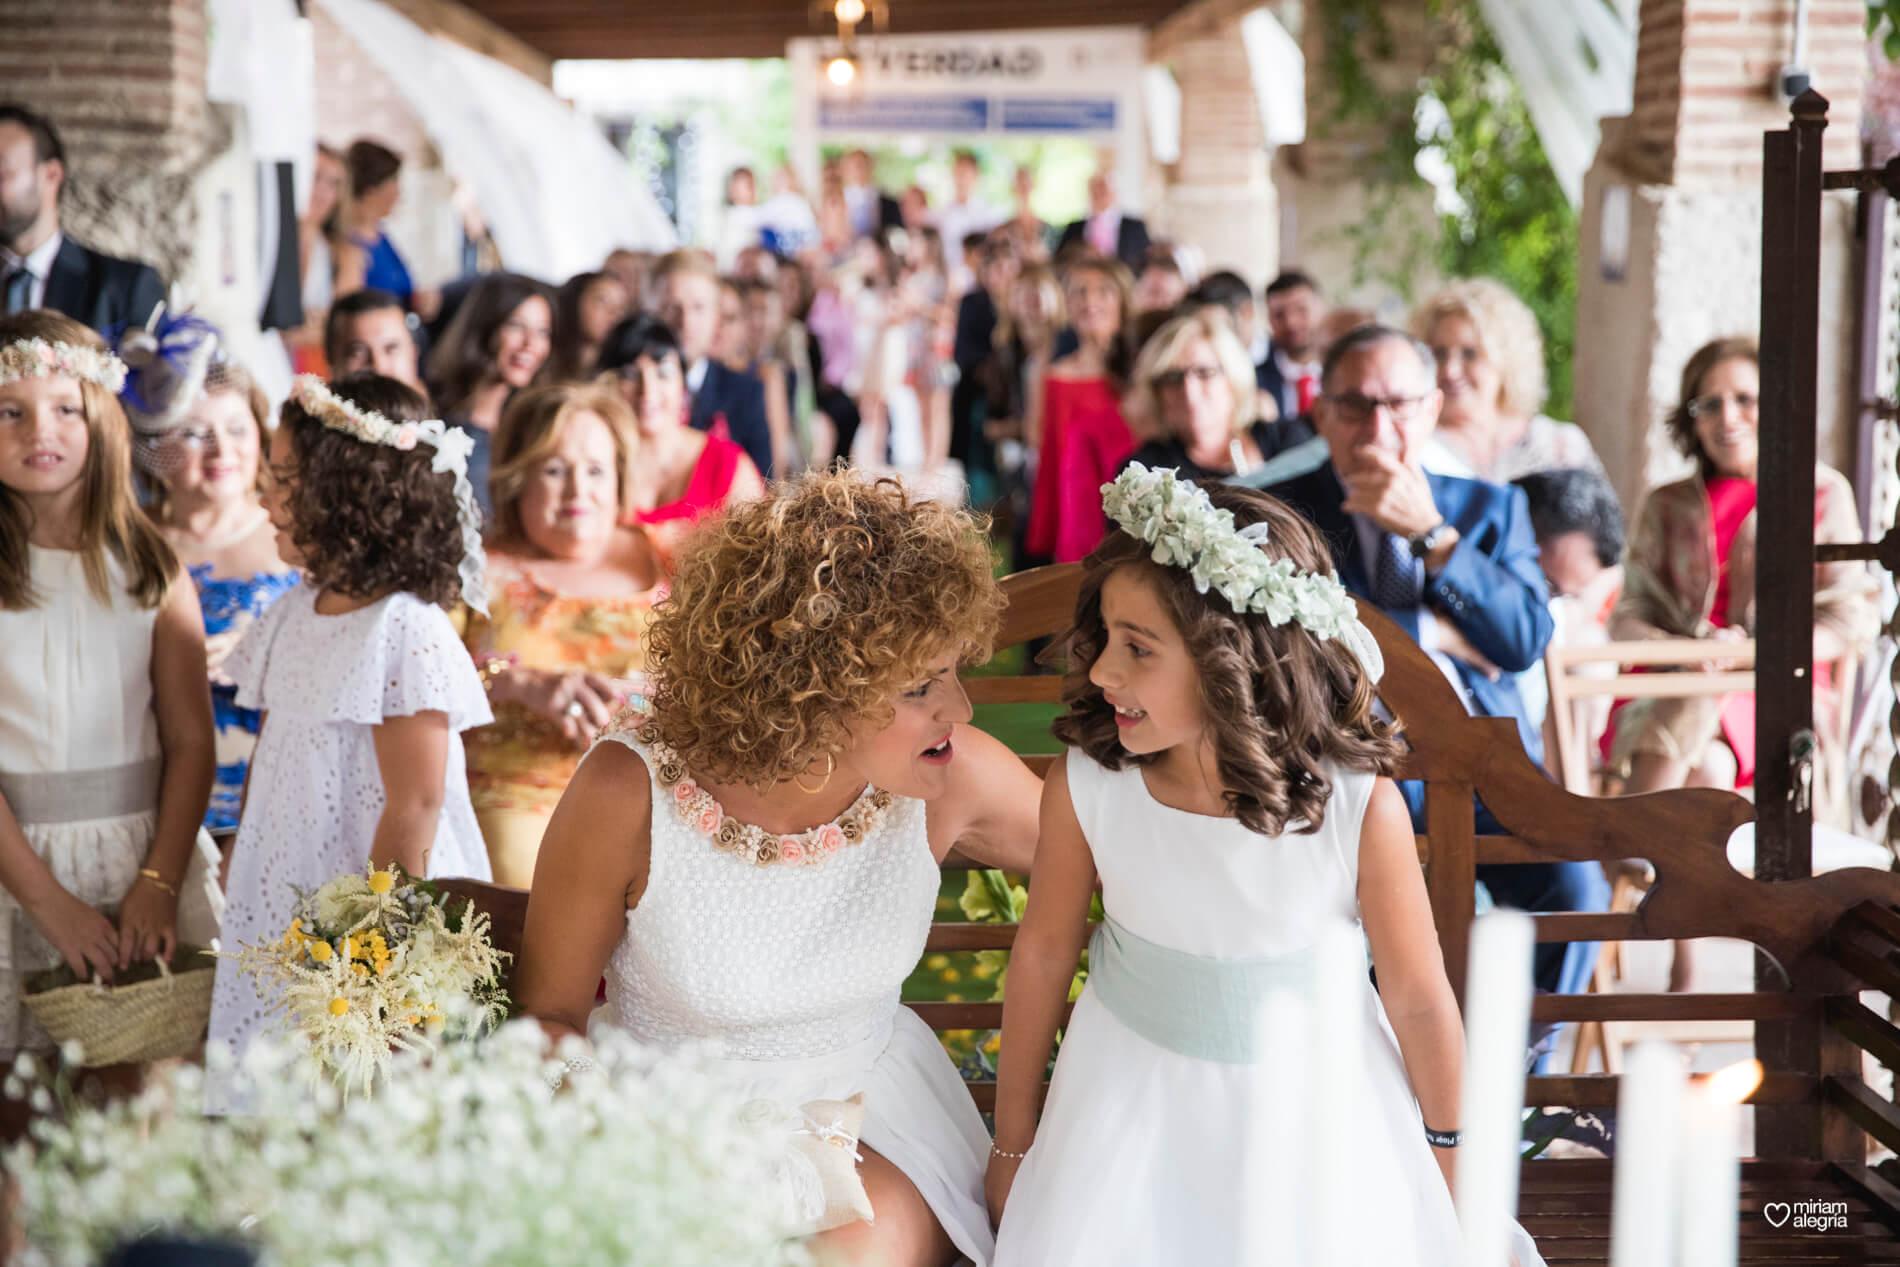 boda-en-finca-la-carrasca-miriam-alegria-62